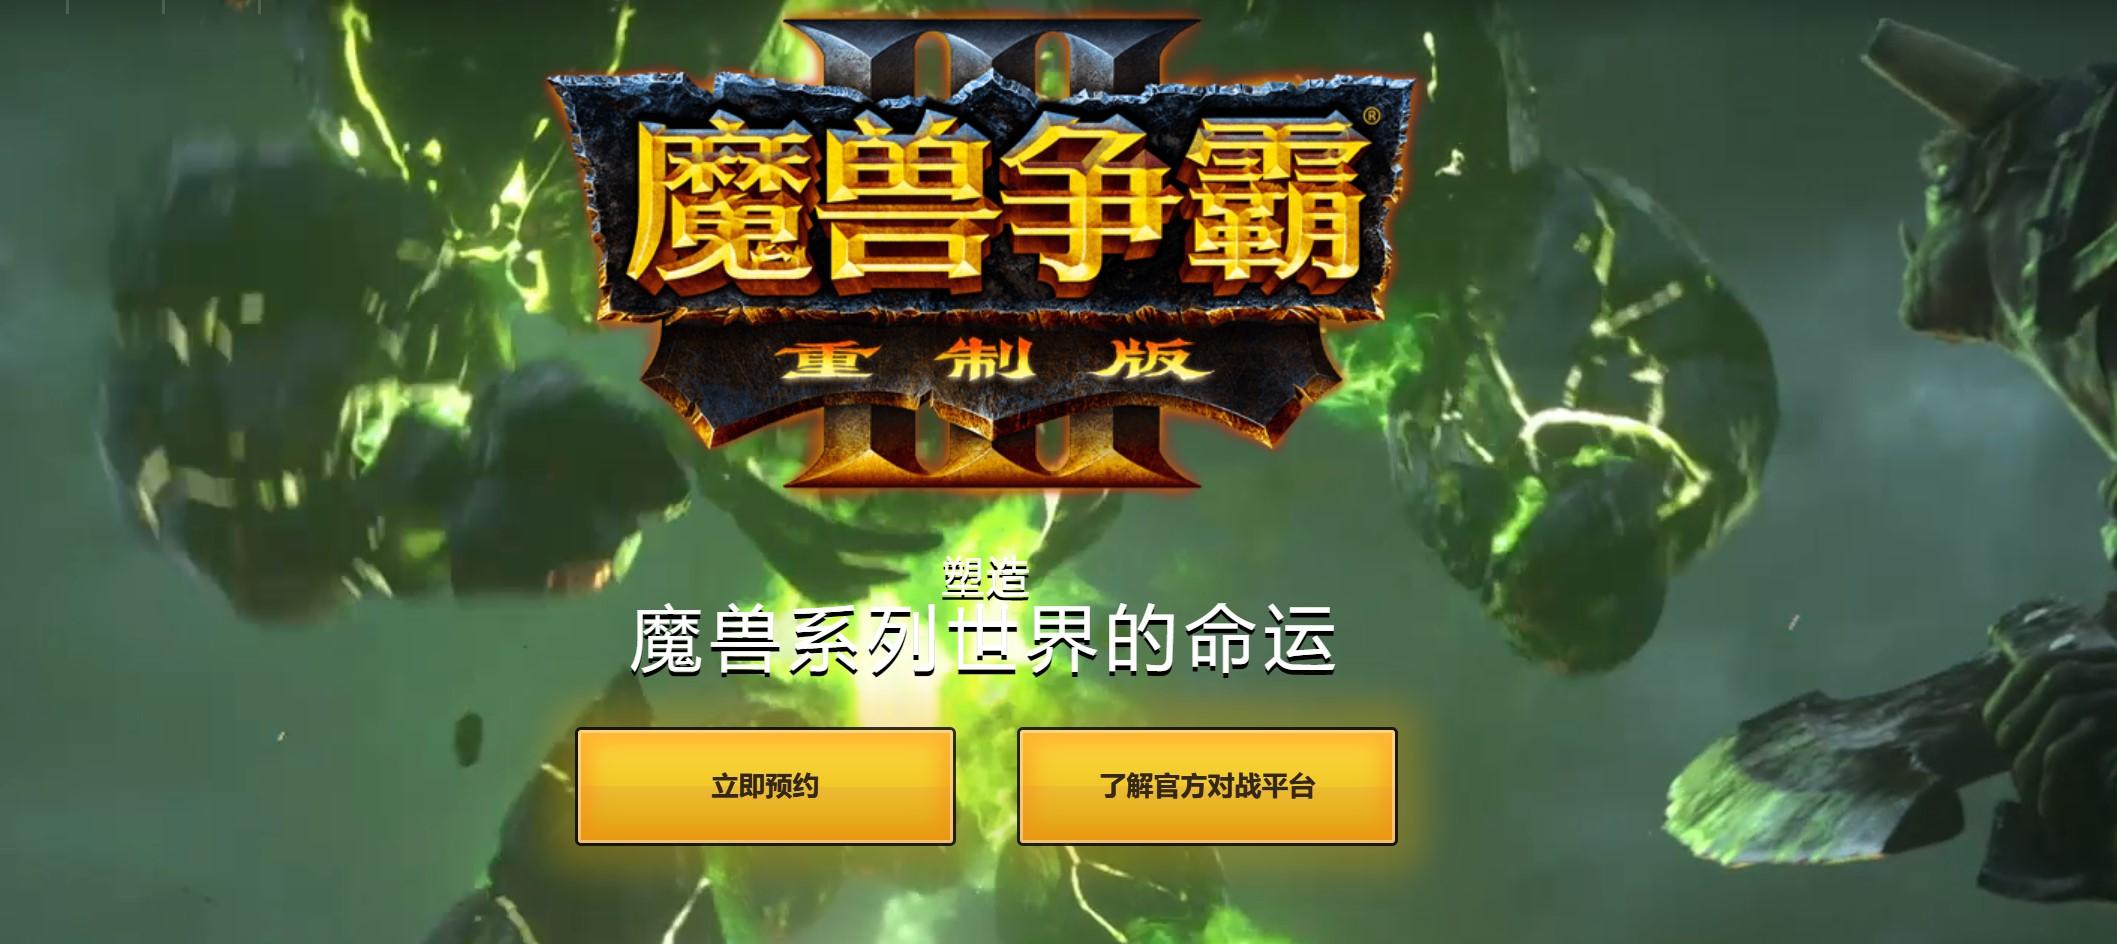 《魔兽争霸3:重制版》国服官网上线 首批细节公布